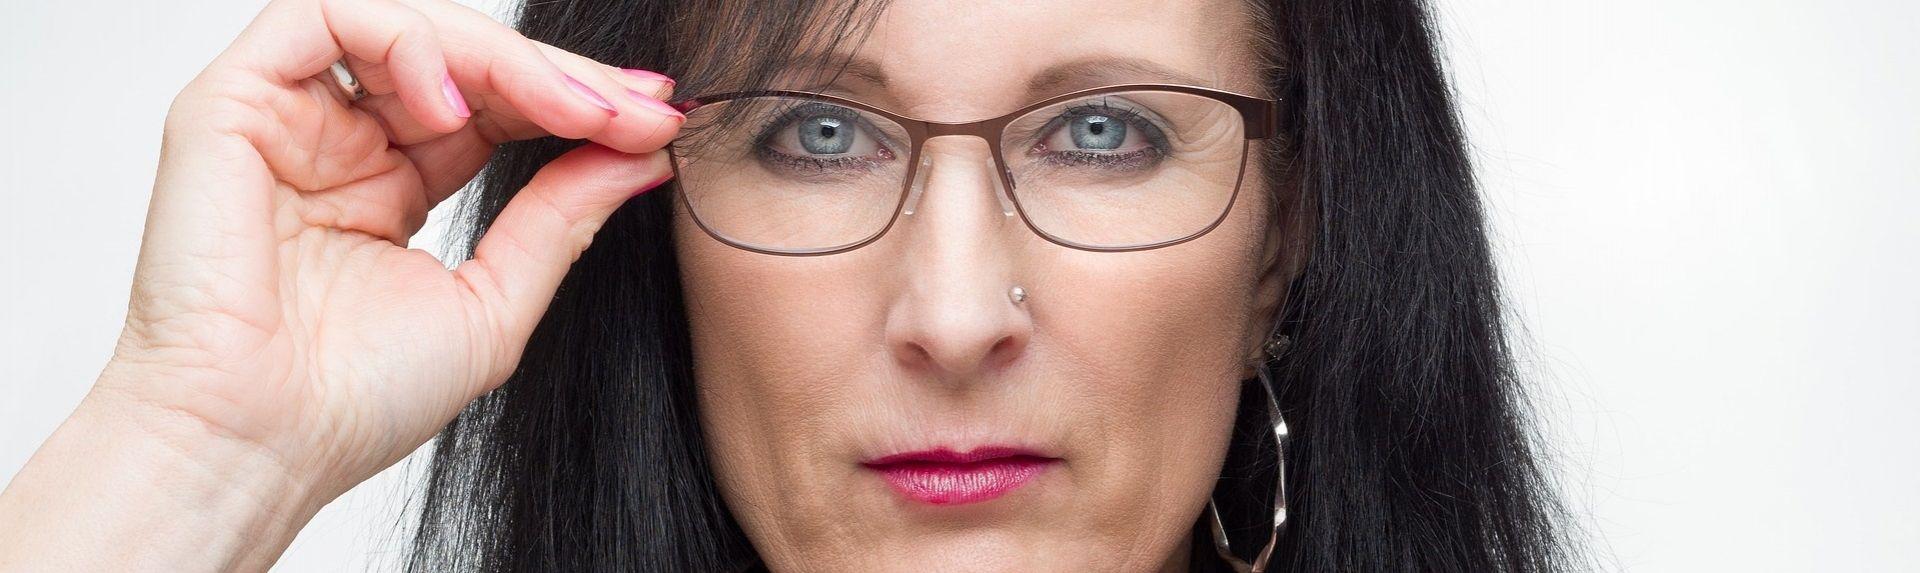 Нехватка женских гормонов у женщин: симптомы